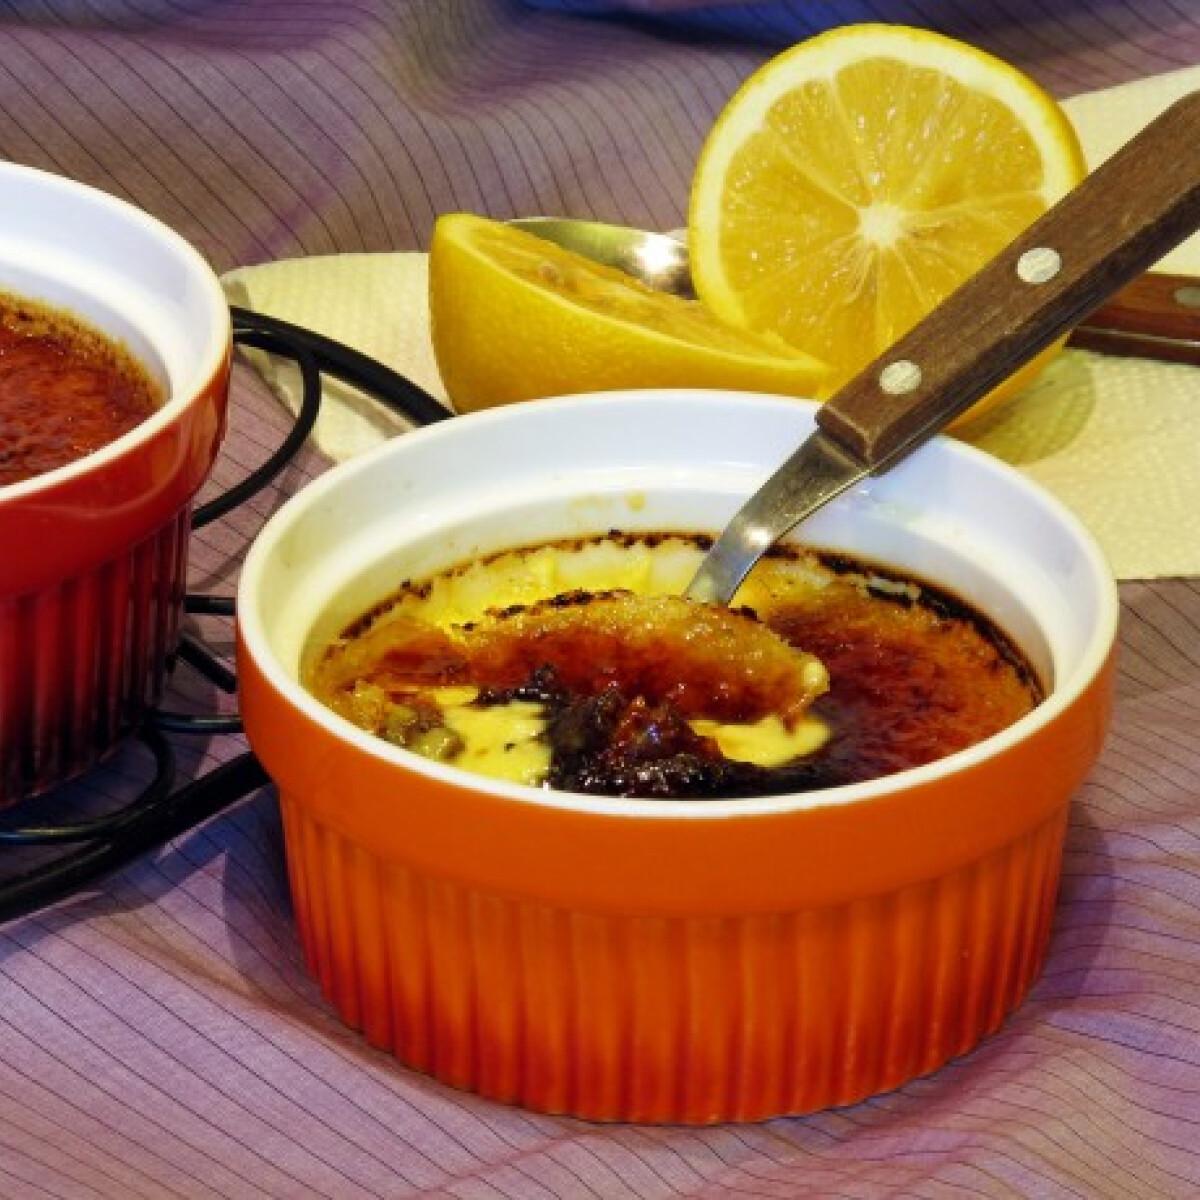 Ezen a képen: Citromos crème brûlée